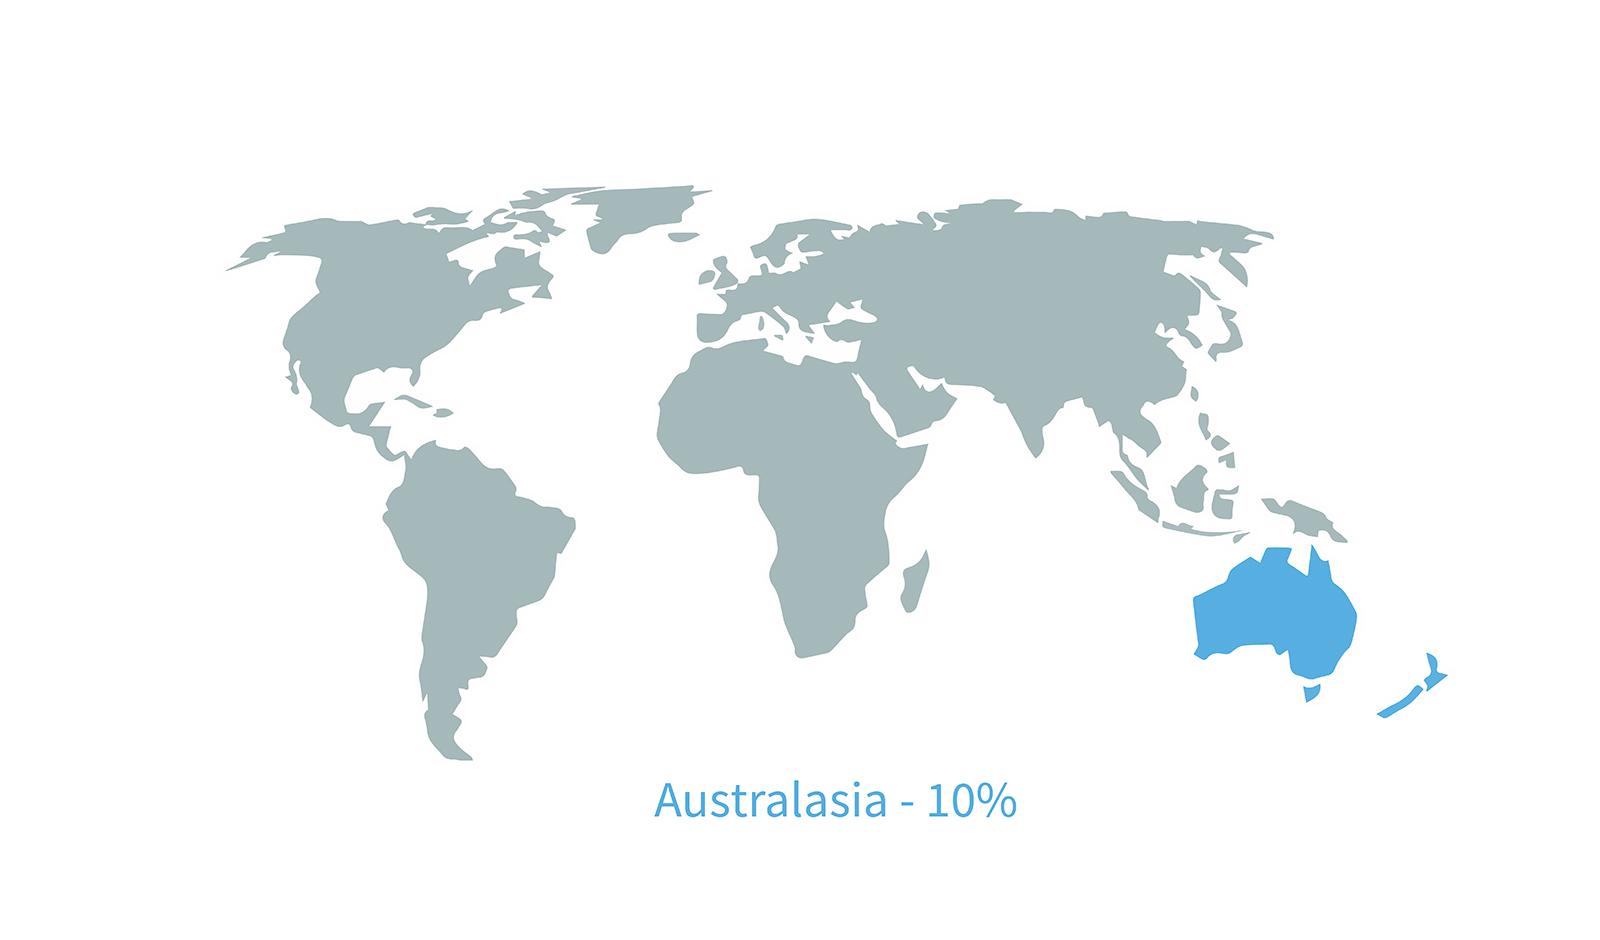 Australasia-01